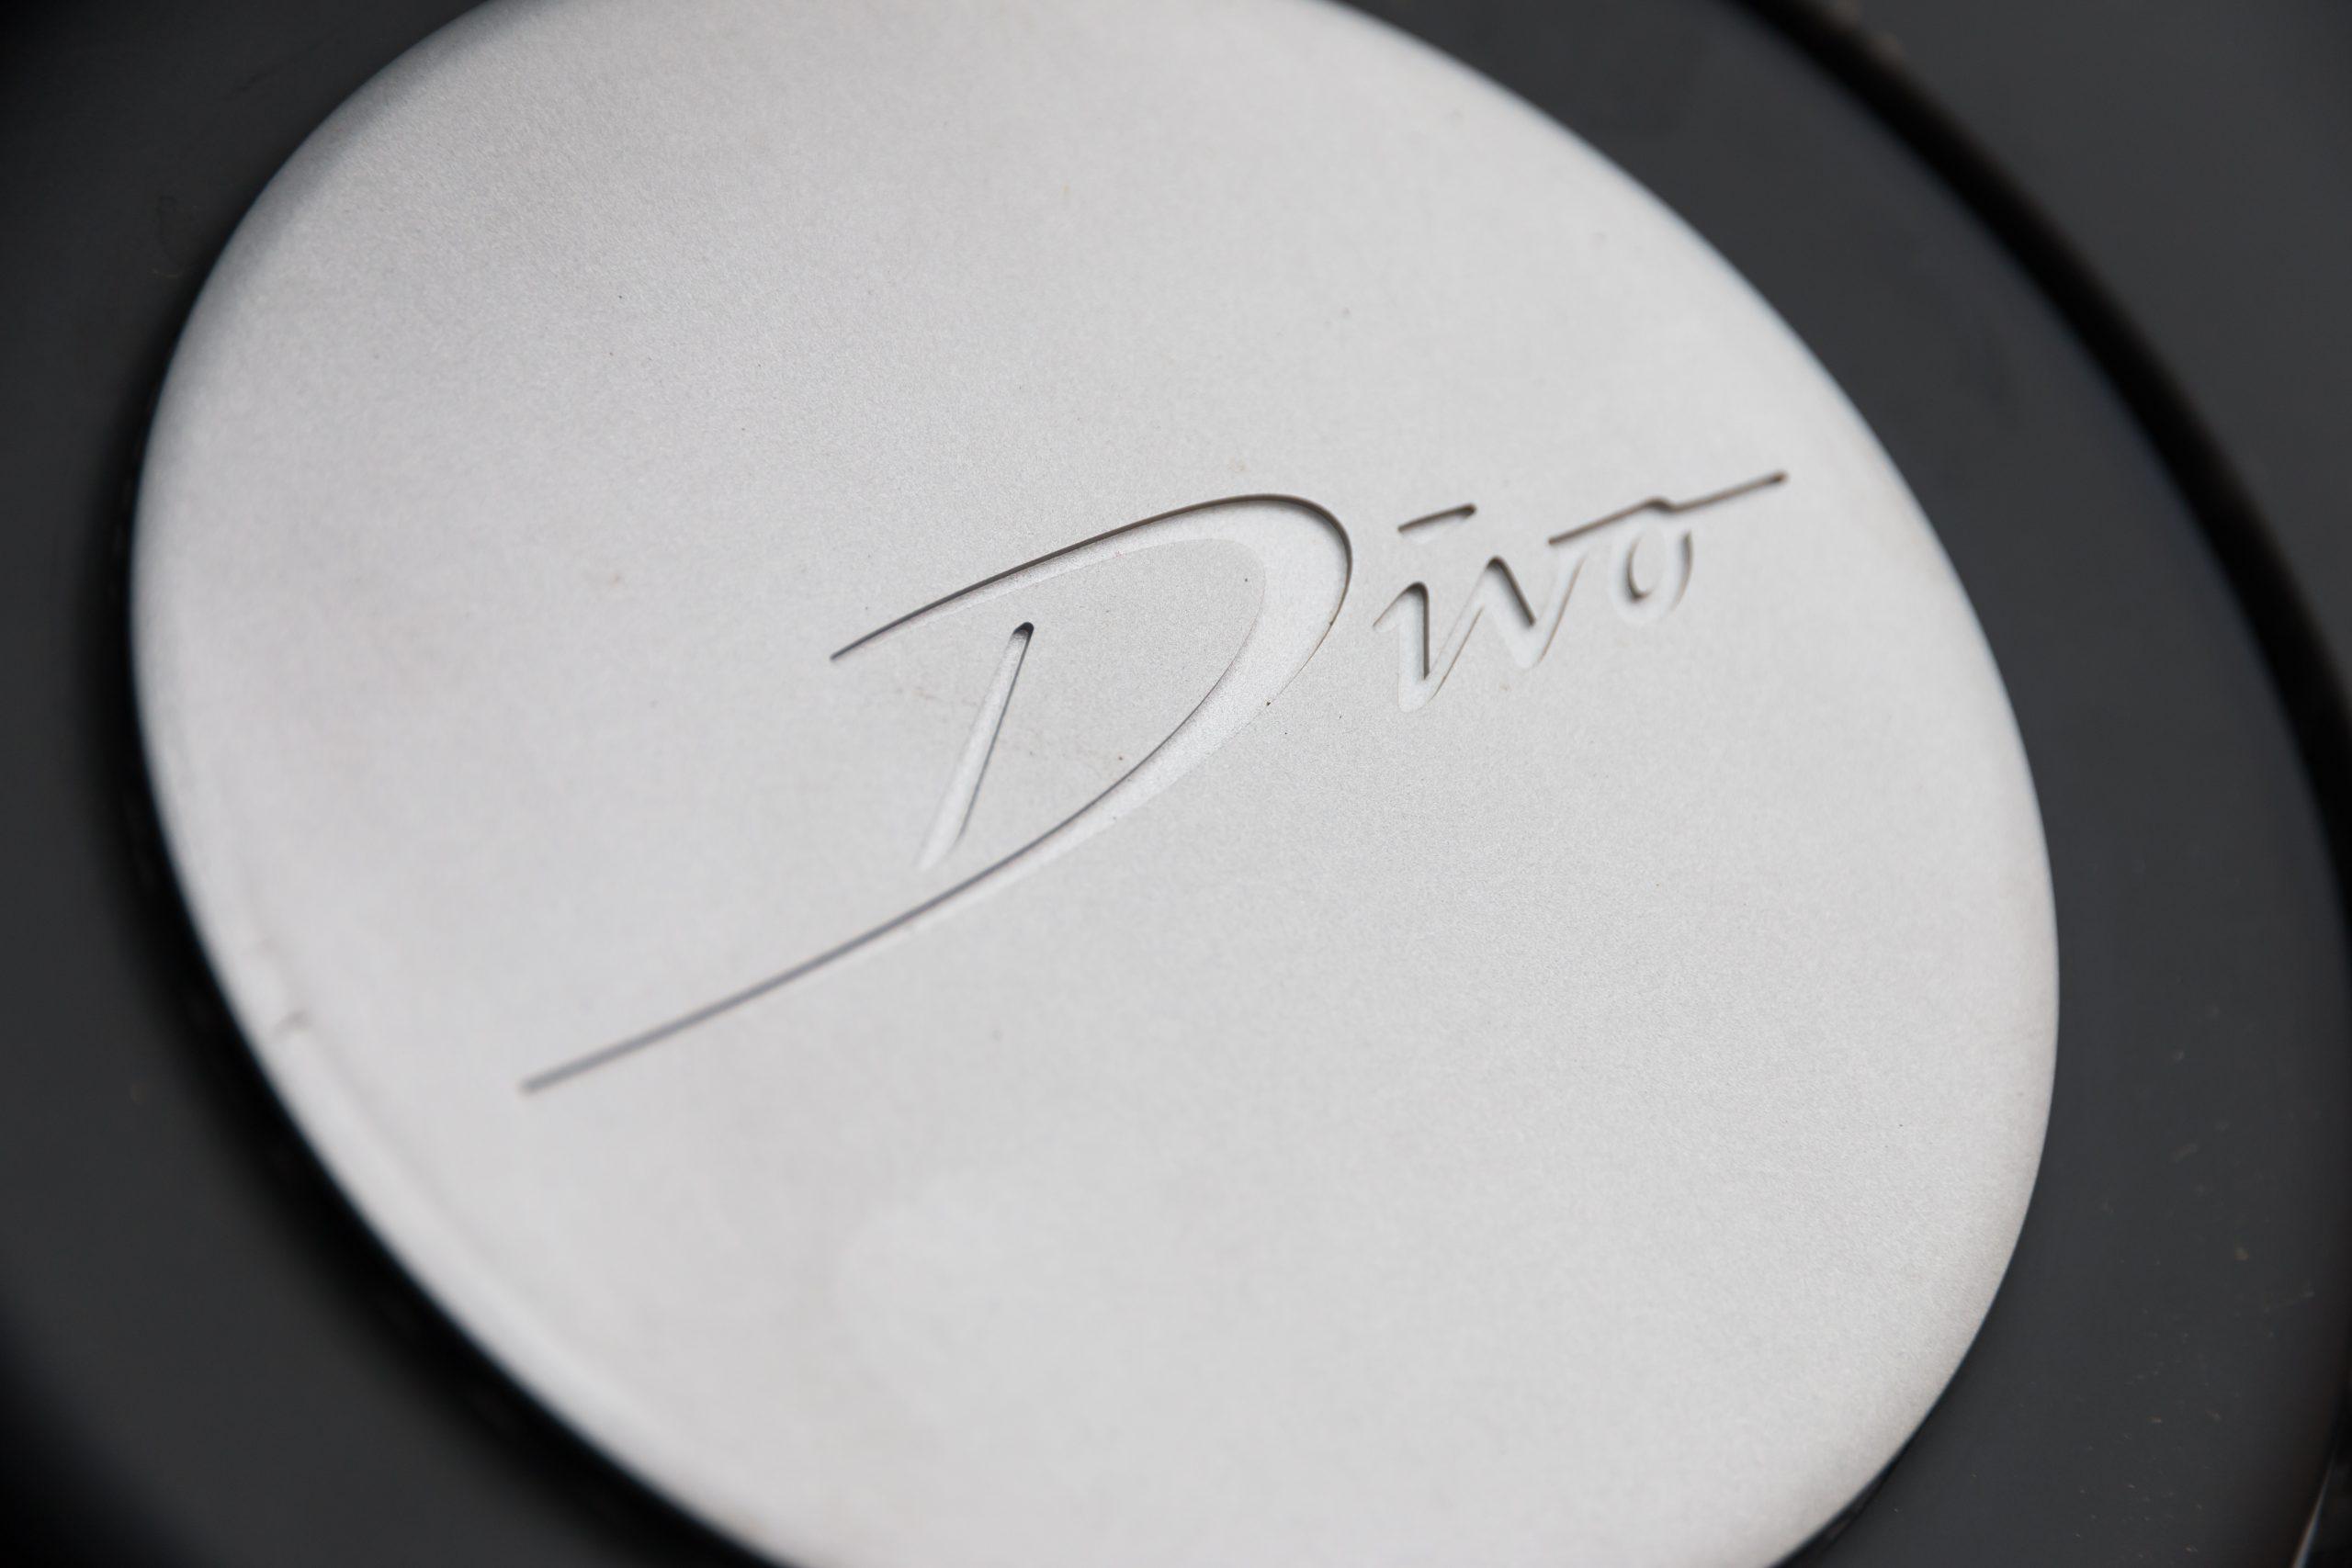 Bugatti Divo logo